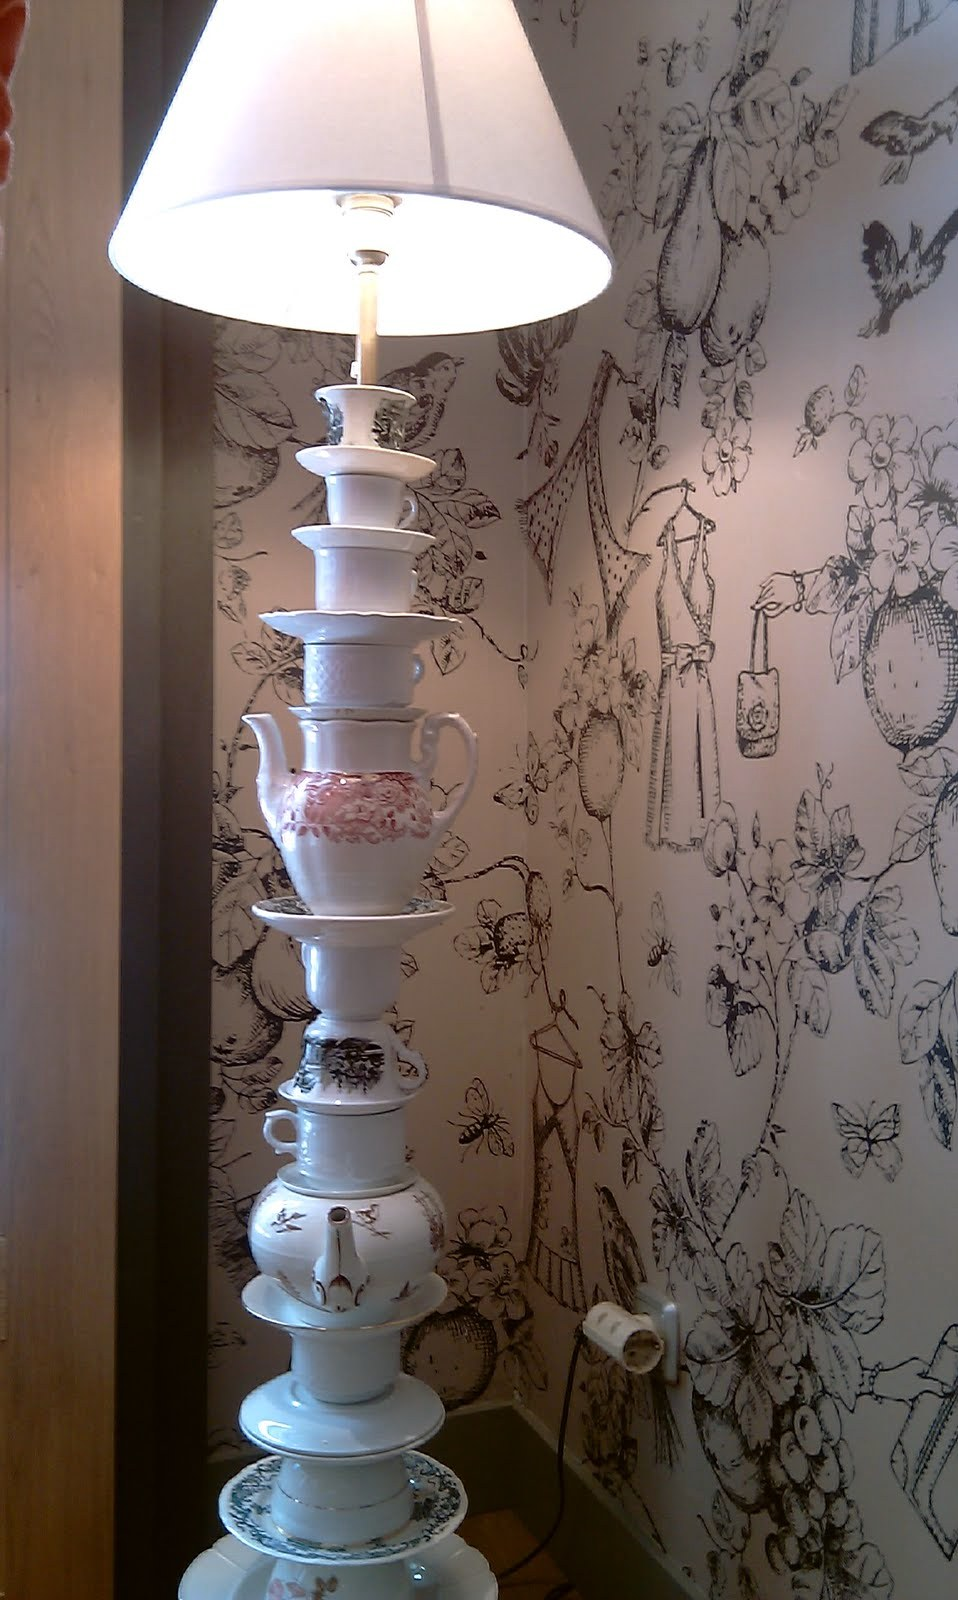 L mparas hechas con vajillas teteras tazas y platos parte 1 curiosas ideas - Ideas para lamparas ...